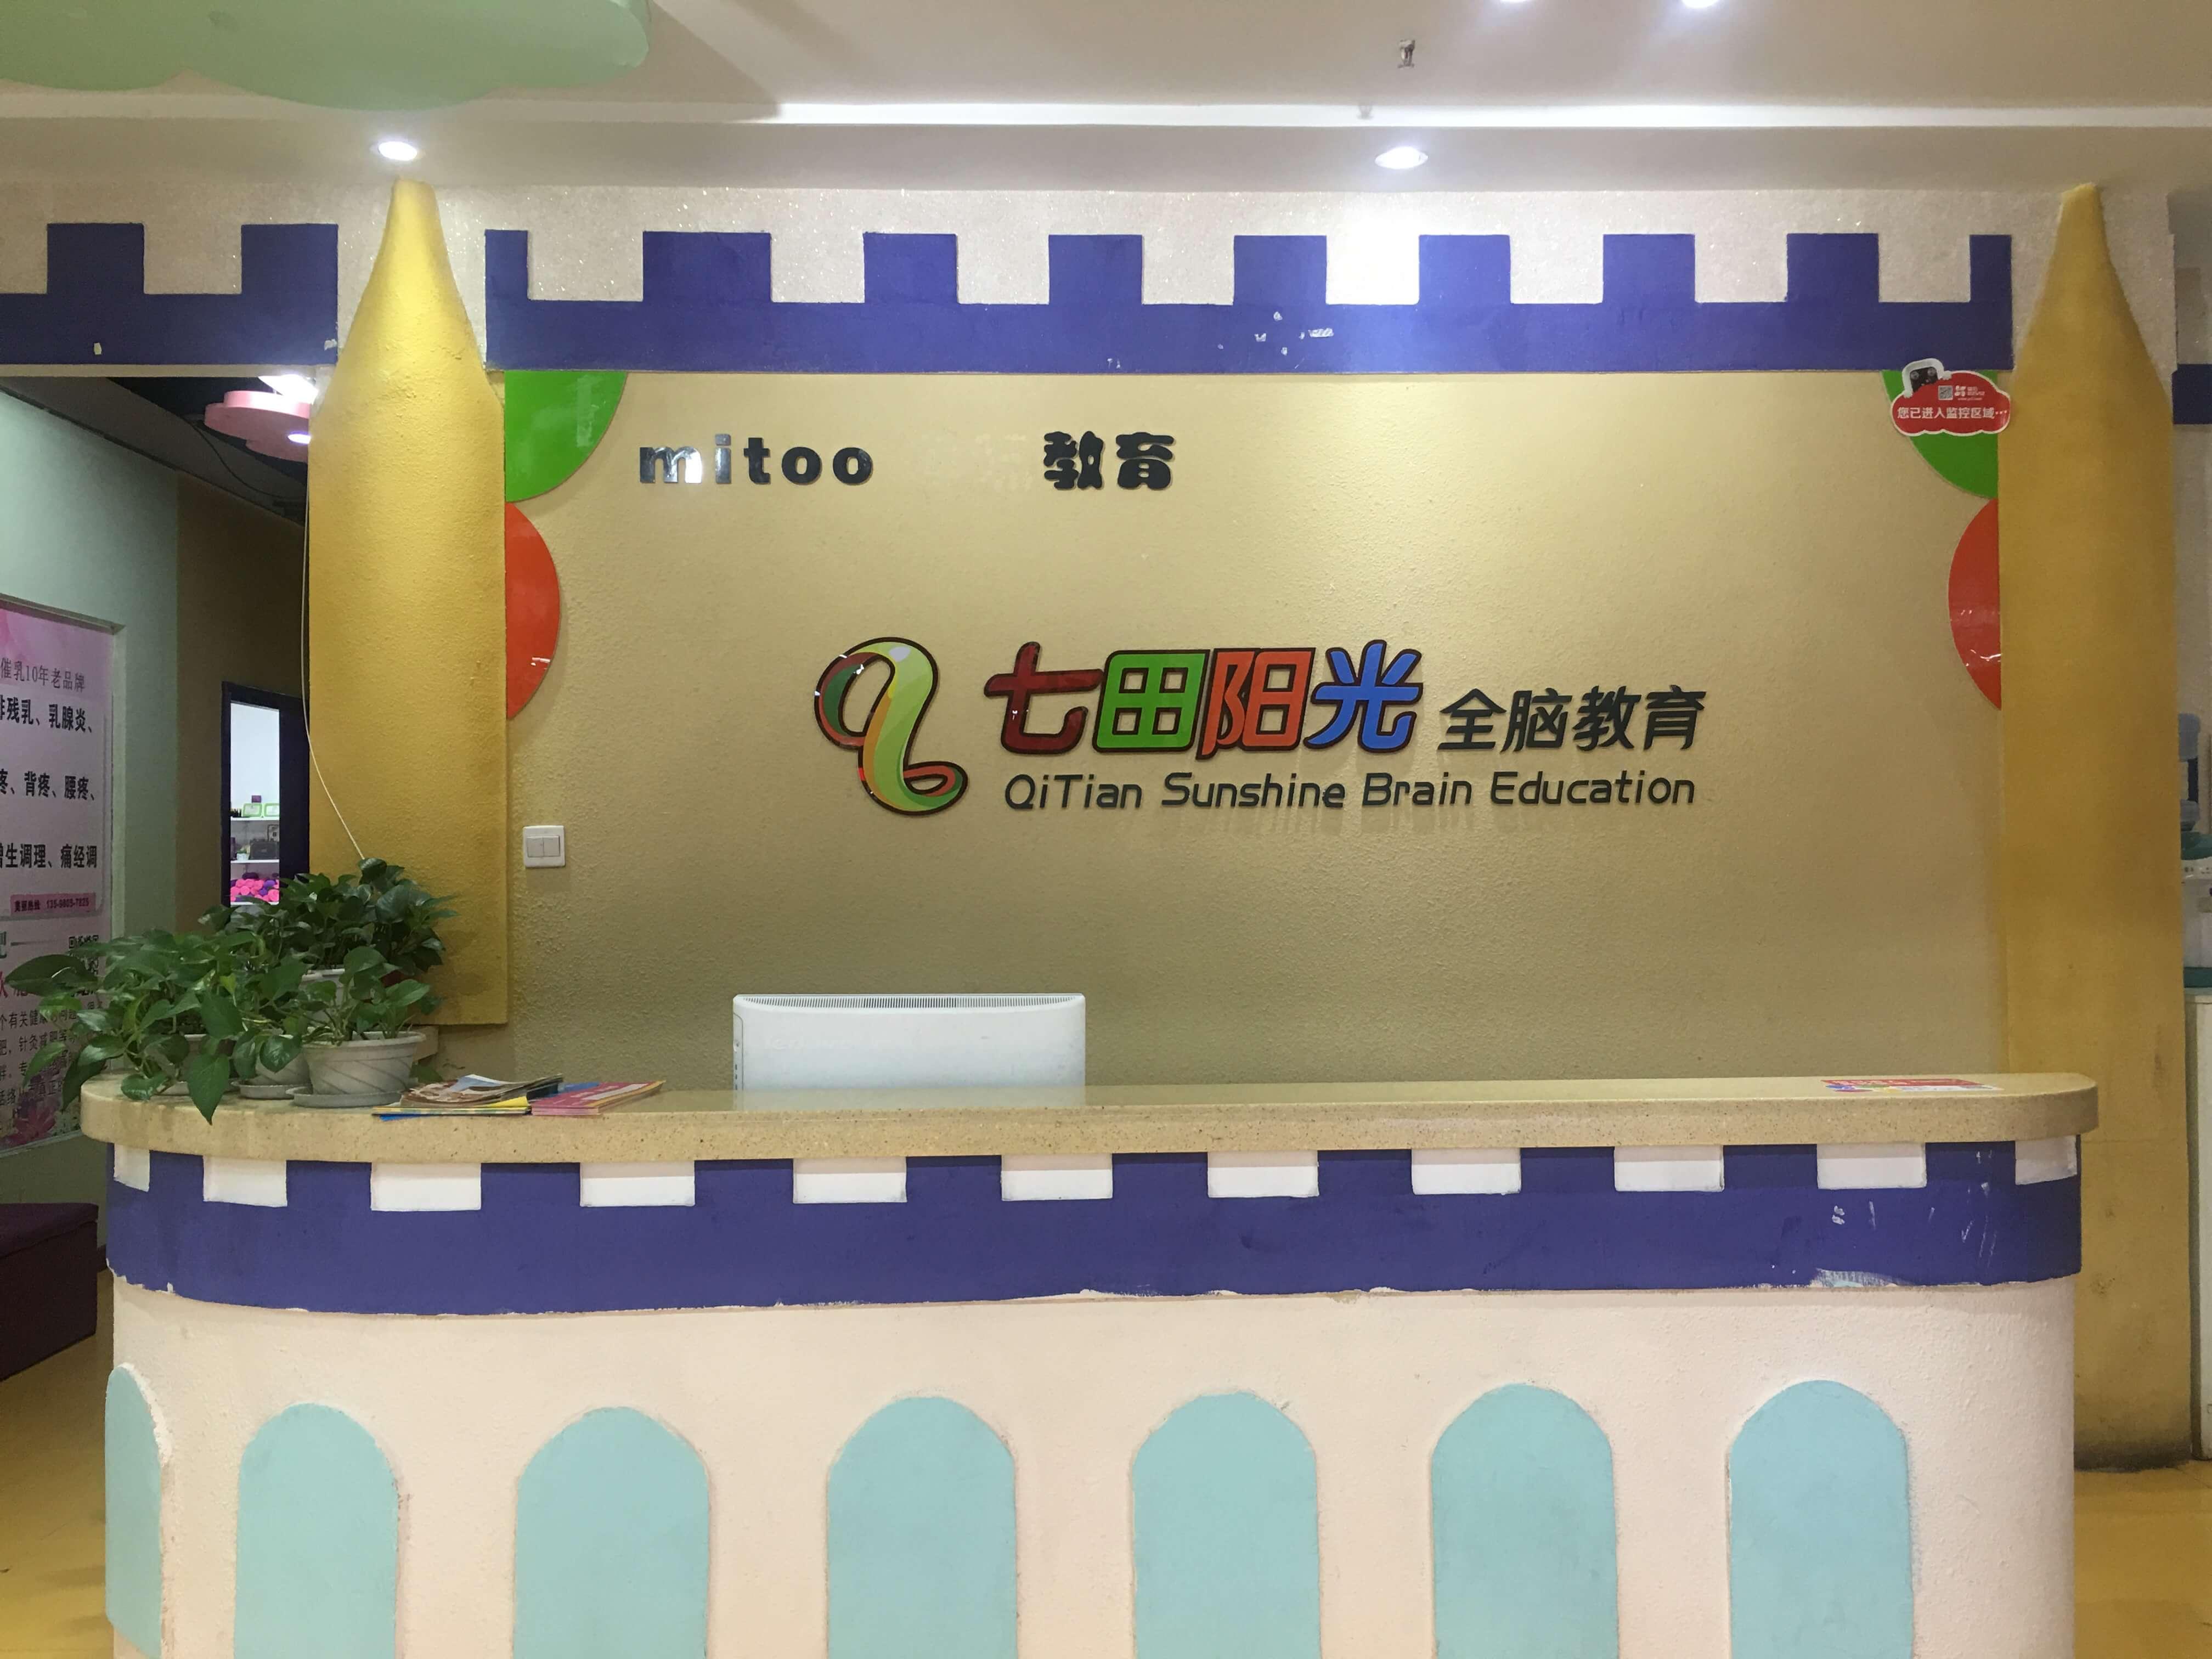 「易胜博官方网站阳光」郑州金水曼哈顿中心